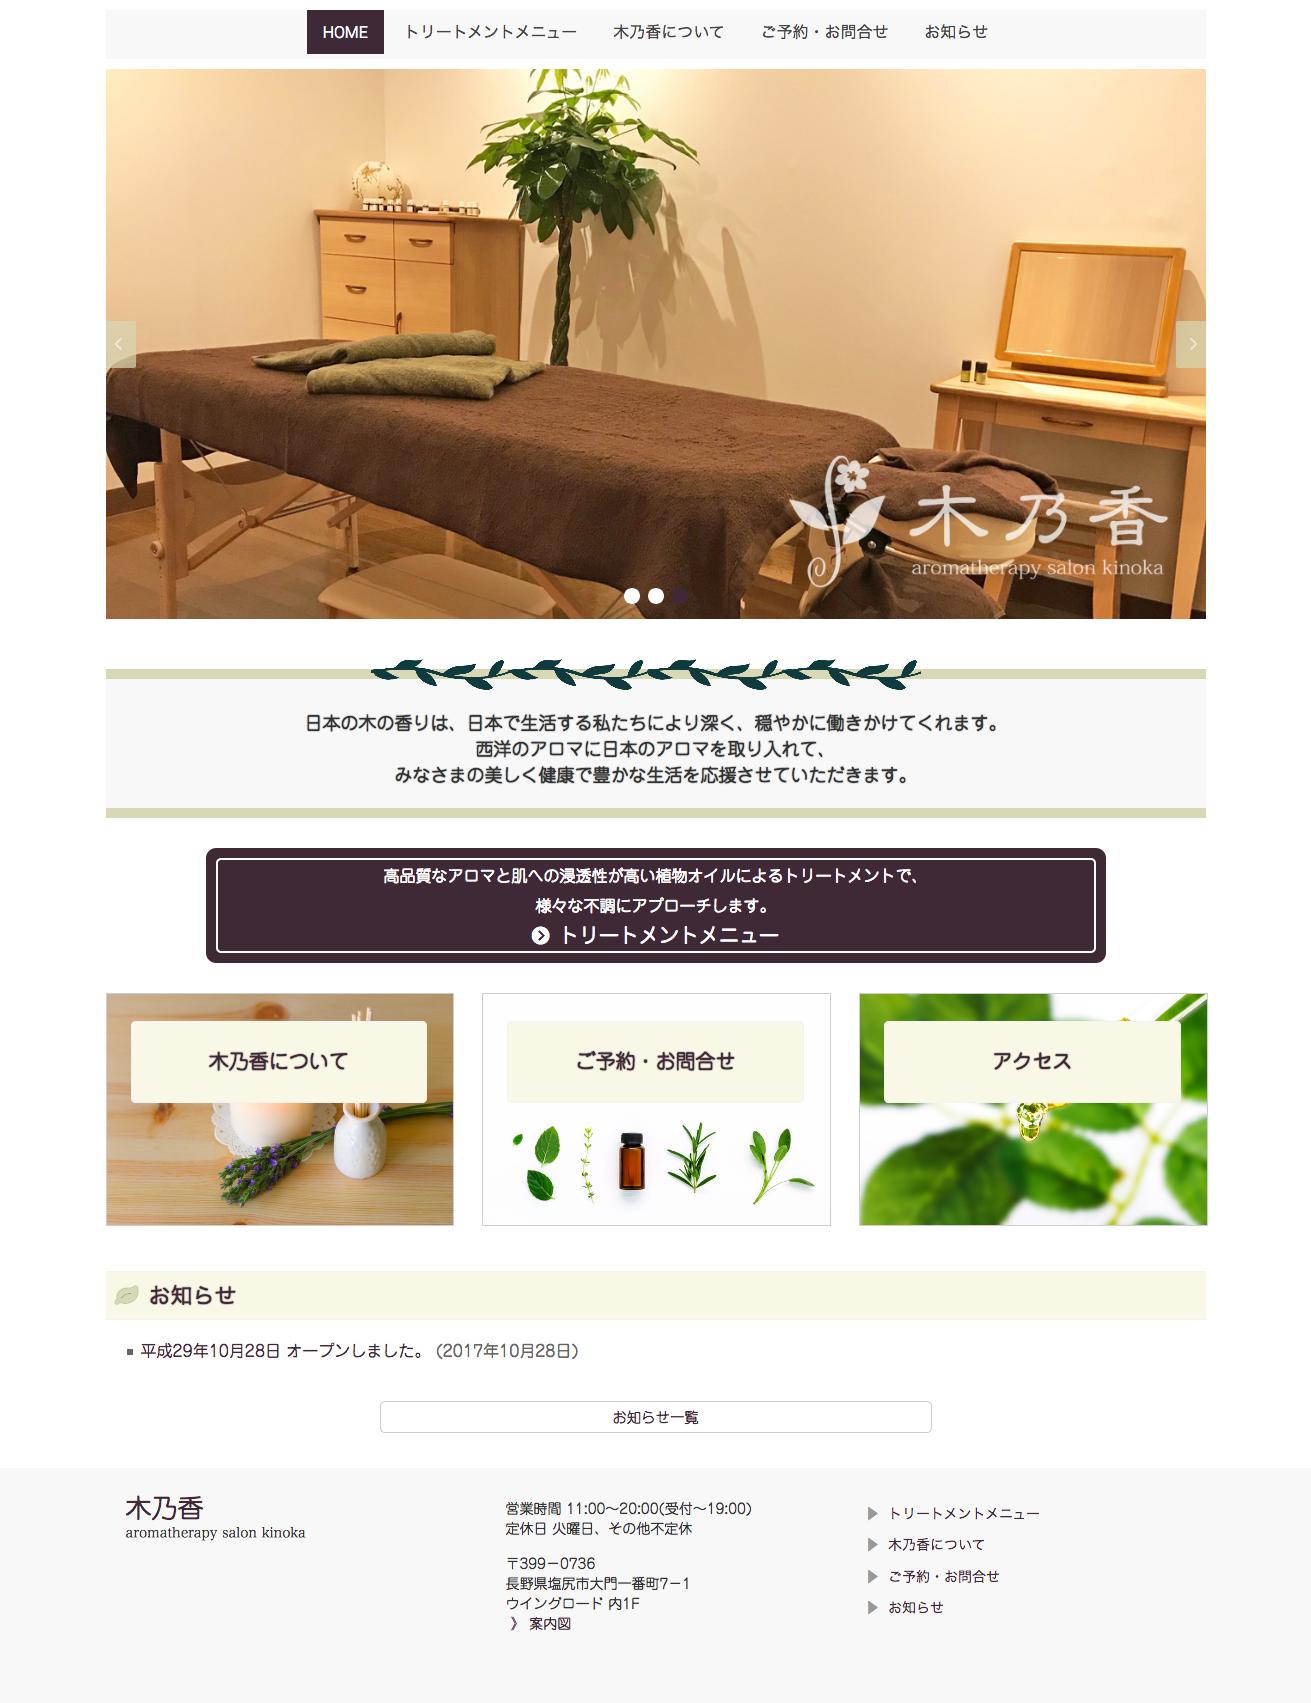 アロマセラピーサロン木乃香(長野県塩尻市)